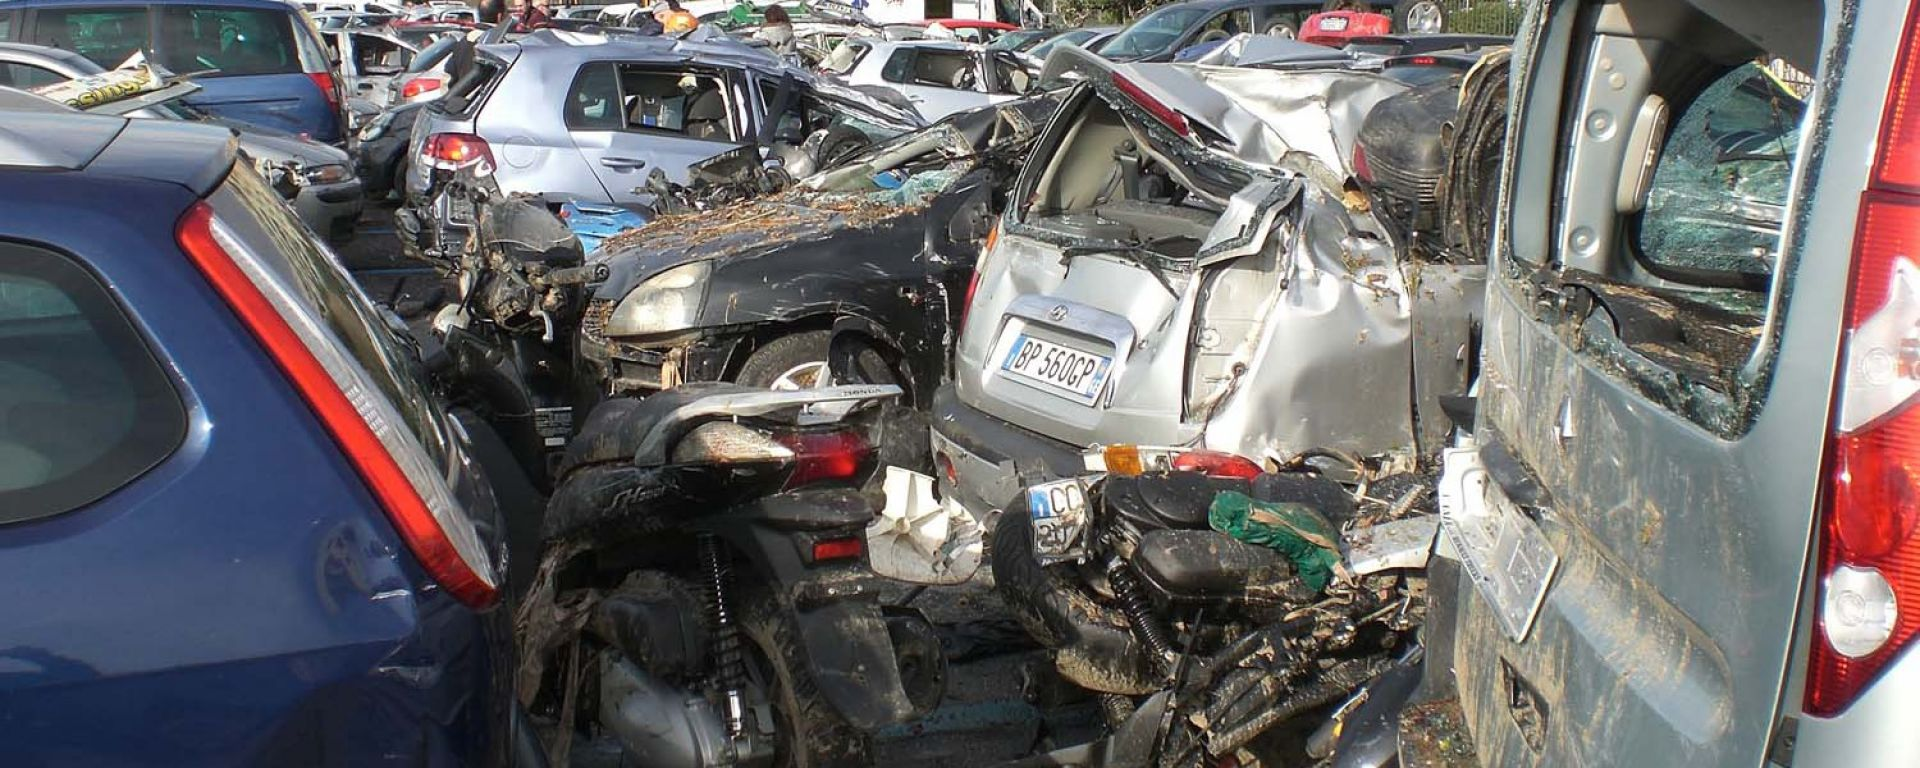 Alluvione a Genova: sul web le auto danneggiate